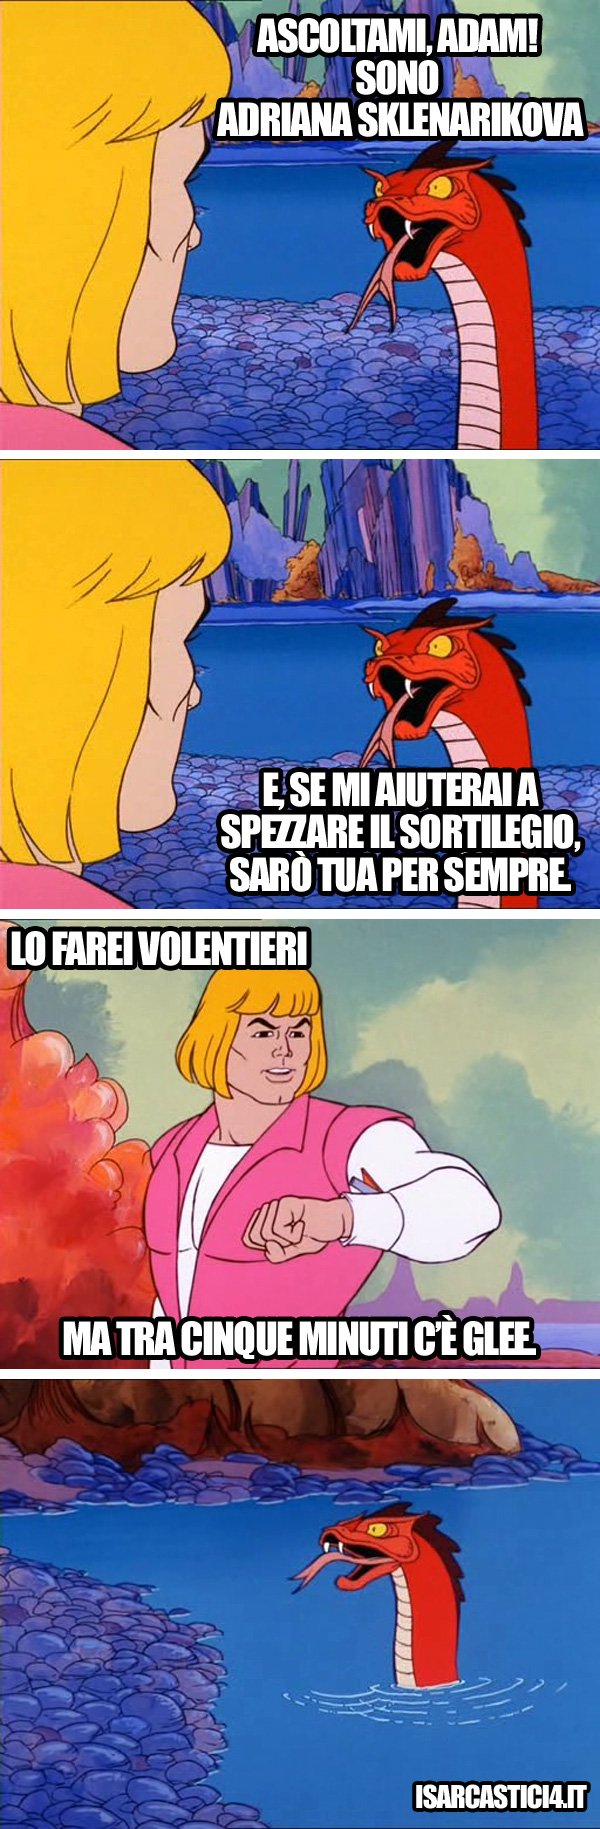 MOTU, Masters Of The Universe meme ita - Per sempre